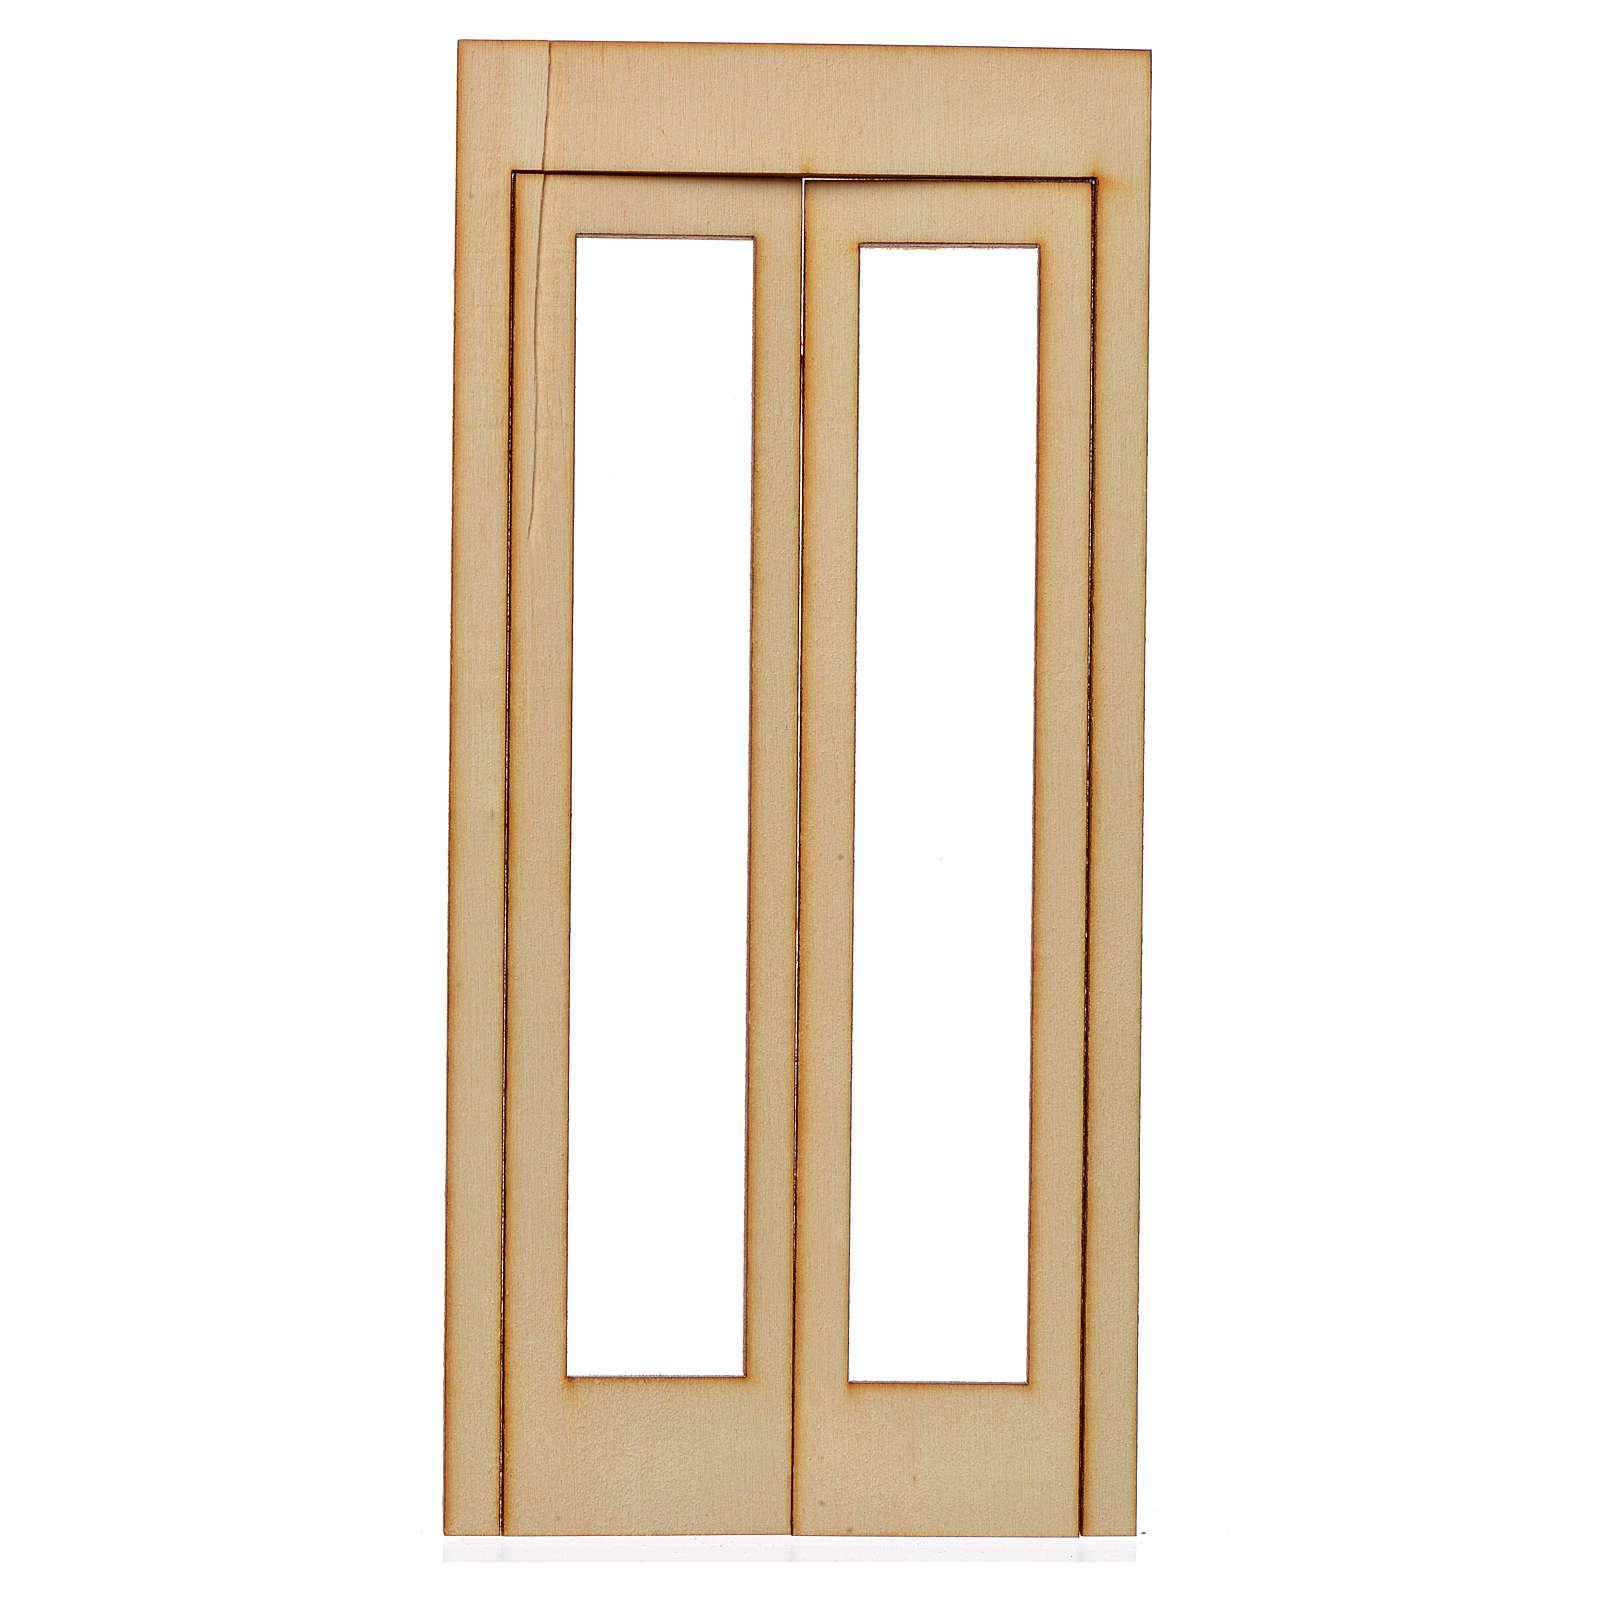 Caixilho presépio madeira 19x9 cm 4